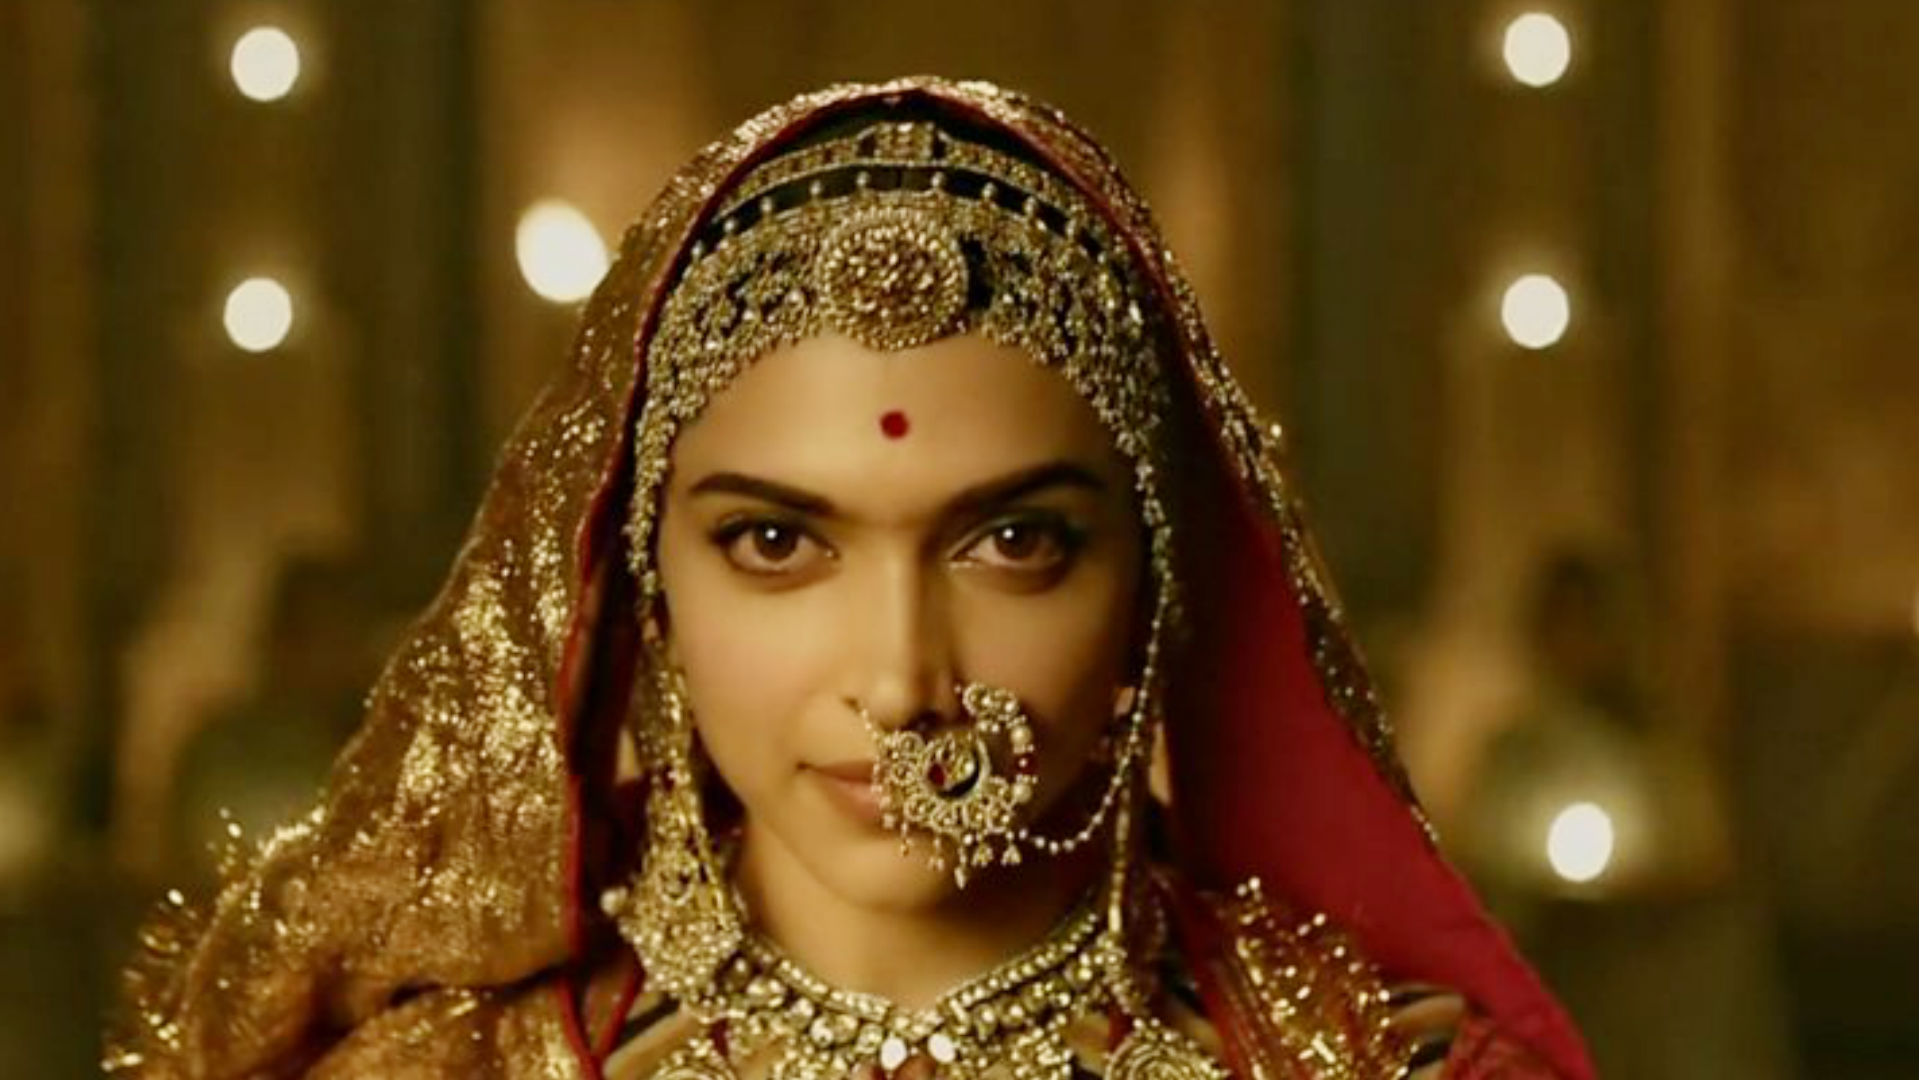 Mahabharat Movie: महाभारत को मिली द्रौपदी, फिल्म में दीपिका पादुकोण निभाएंगी ये दमदार किरदार